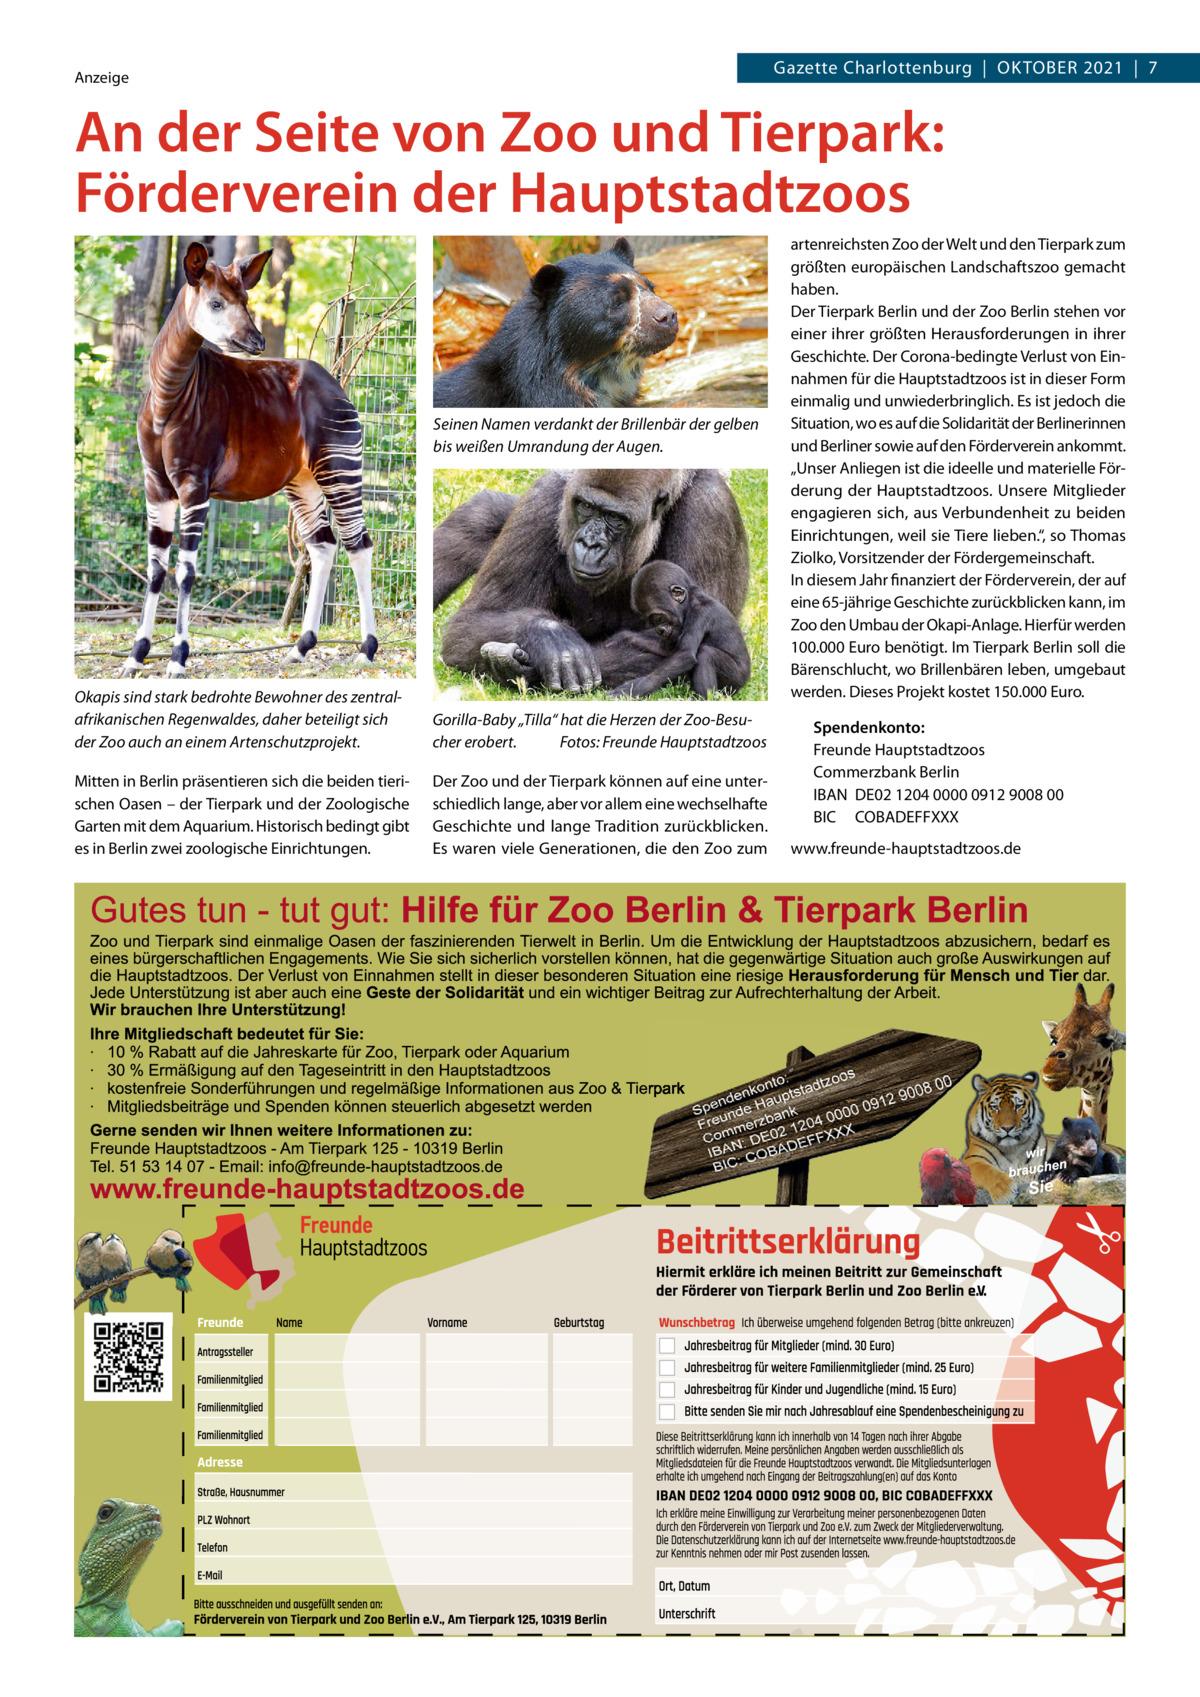 """Gazette Charlottenburg Oktober 2021 7  Anzeige  An der Seite von Zoo und Tierpark: Förderverein der Hauptstadtzoos  Seinen Namen verdankt der Brillenbär der gelben bis weißen Umrandung der Augen.  Okapis sind stark bedrohte Bewohner des zentralafrikanischen Regenwaldes, daher beteiligt sich der Zoo auch an einem Artenschutzprojekt.  Gorilla-Baby """"Tilla"""" hat die Herzen der Zoo-Besucher erobert. Fotos: Freunde Hauptstadtzoos  Mitten in Berlin präsentieren sich die beiden tierischen Oasen – der Tierpark und der Zoologische Garten mit dem Aquarium. Historisch bedingt gibt es in Berlin zwei zoologische Einrichtungen.  Der Zoo und der Tierpark können auf eine unterschiedlich lange, aber vor allem eine wechselhafte Geschichte und lange Tradition zurückblicken. Es waren viele Generationen, die den Zoo zum  artenreichsten Zoo der Welt und den Tierpark zum größten europäischen Landschaftszoo gemacht haben. Der Tierpark Berlin und der Zoo Berlin stehen vor einer ihrer größten Herausforderungen in ihrer Geschichte. Der Corona-bedingte Verlust von Einnahmen für die Hauptstadtzoos ist in dieser Form einmalig und unwiederbringlich. Es ist jedoch die Situation, wo es auf die Solidarität der Berlinerinnen und Berliner sowie auf den Förderverein ankommt. """"Unser Anliegen ist die ideelle und materielle Förderung der Hauptstadtzoos. Unsere Mitglieder engagieren sich, aus Verbundenheit zu beiden Einrichtungen, weil sie Tiere lieben."""", so Thomas Ziolko, Vorsitzender der Fördergemeinschaft. In diesem Jahr finanziert der Förderverein, der auf eine 65-jährige Geschichte zurückblicken kann, im Zoo den Umbau der Okapi-Anlage. Hierfür werden 100.000Euro benötigt. Im Tierpark Berlin soll die Bärenschlucht, wo Brillenbären leben, umgebaut werden. Dieses Projekt kostet 150.000Euro.  Spendenkonto: Freunde Hauptstadtzoos Commerzbank Berlin IBAN DE02 1204 0000 0912 9008 00 BIC COBADEFFXXX www.freunde-hauptstadtzoos.de"""